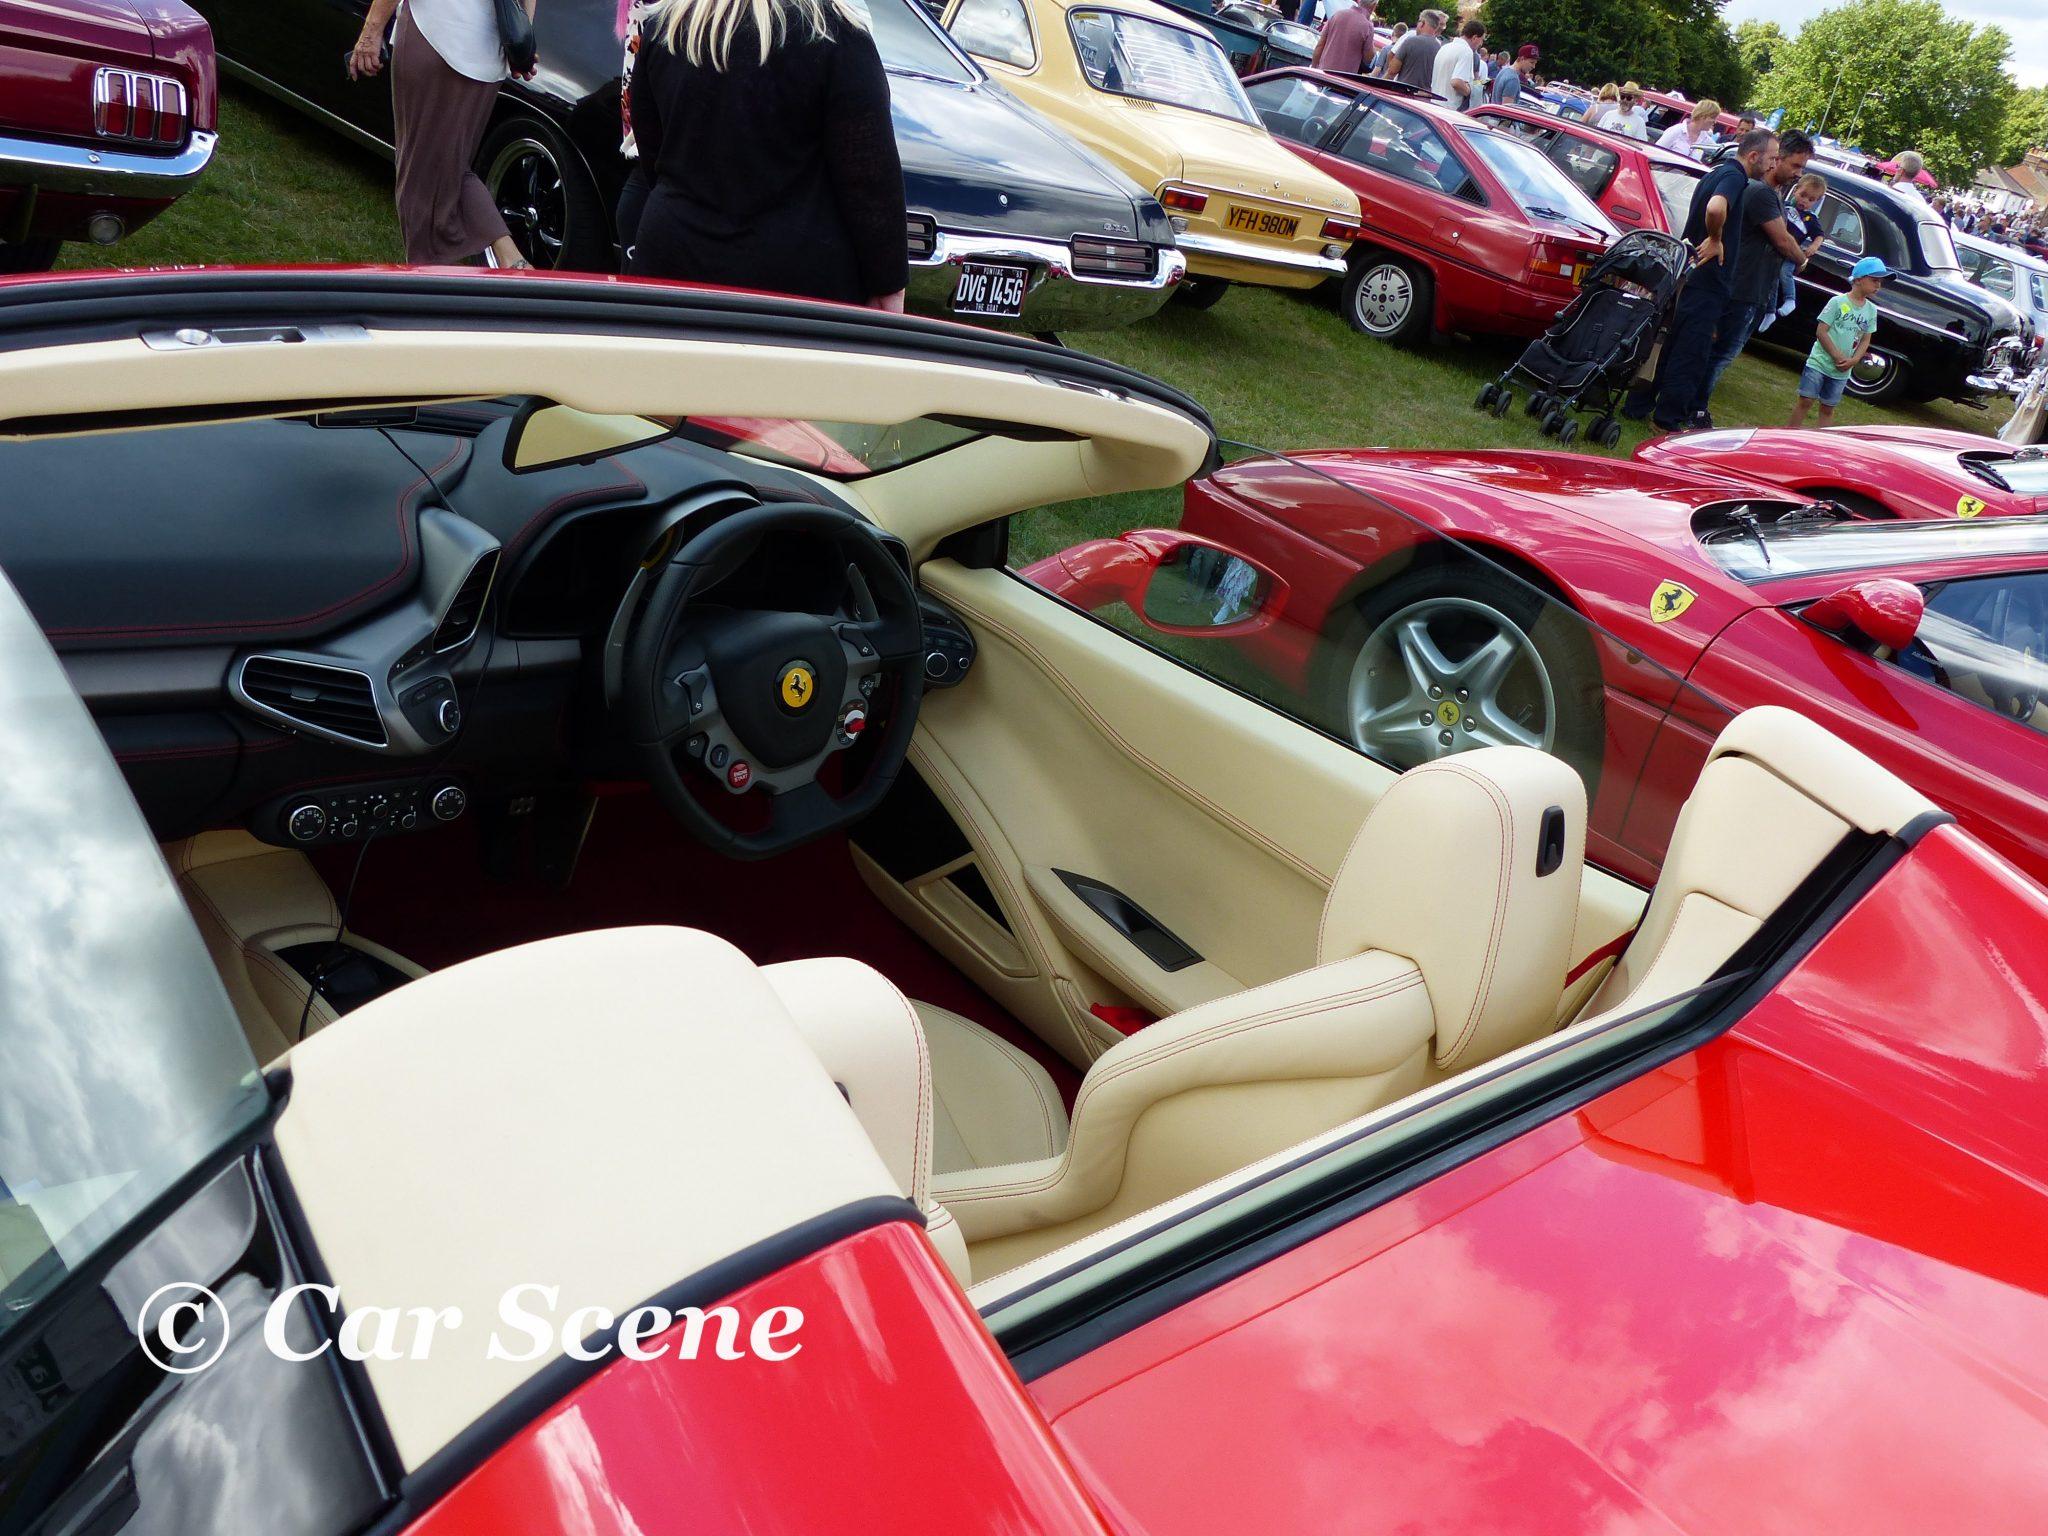 c2014 Ferrari 458 Spider cockpit view